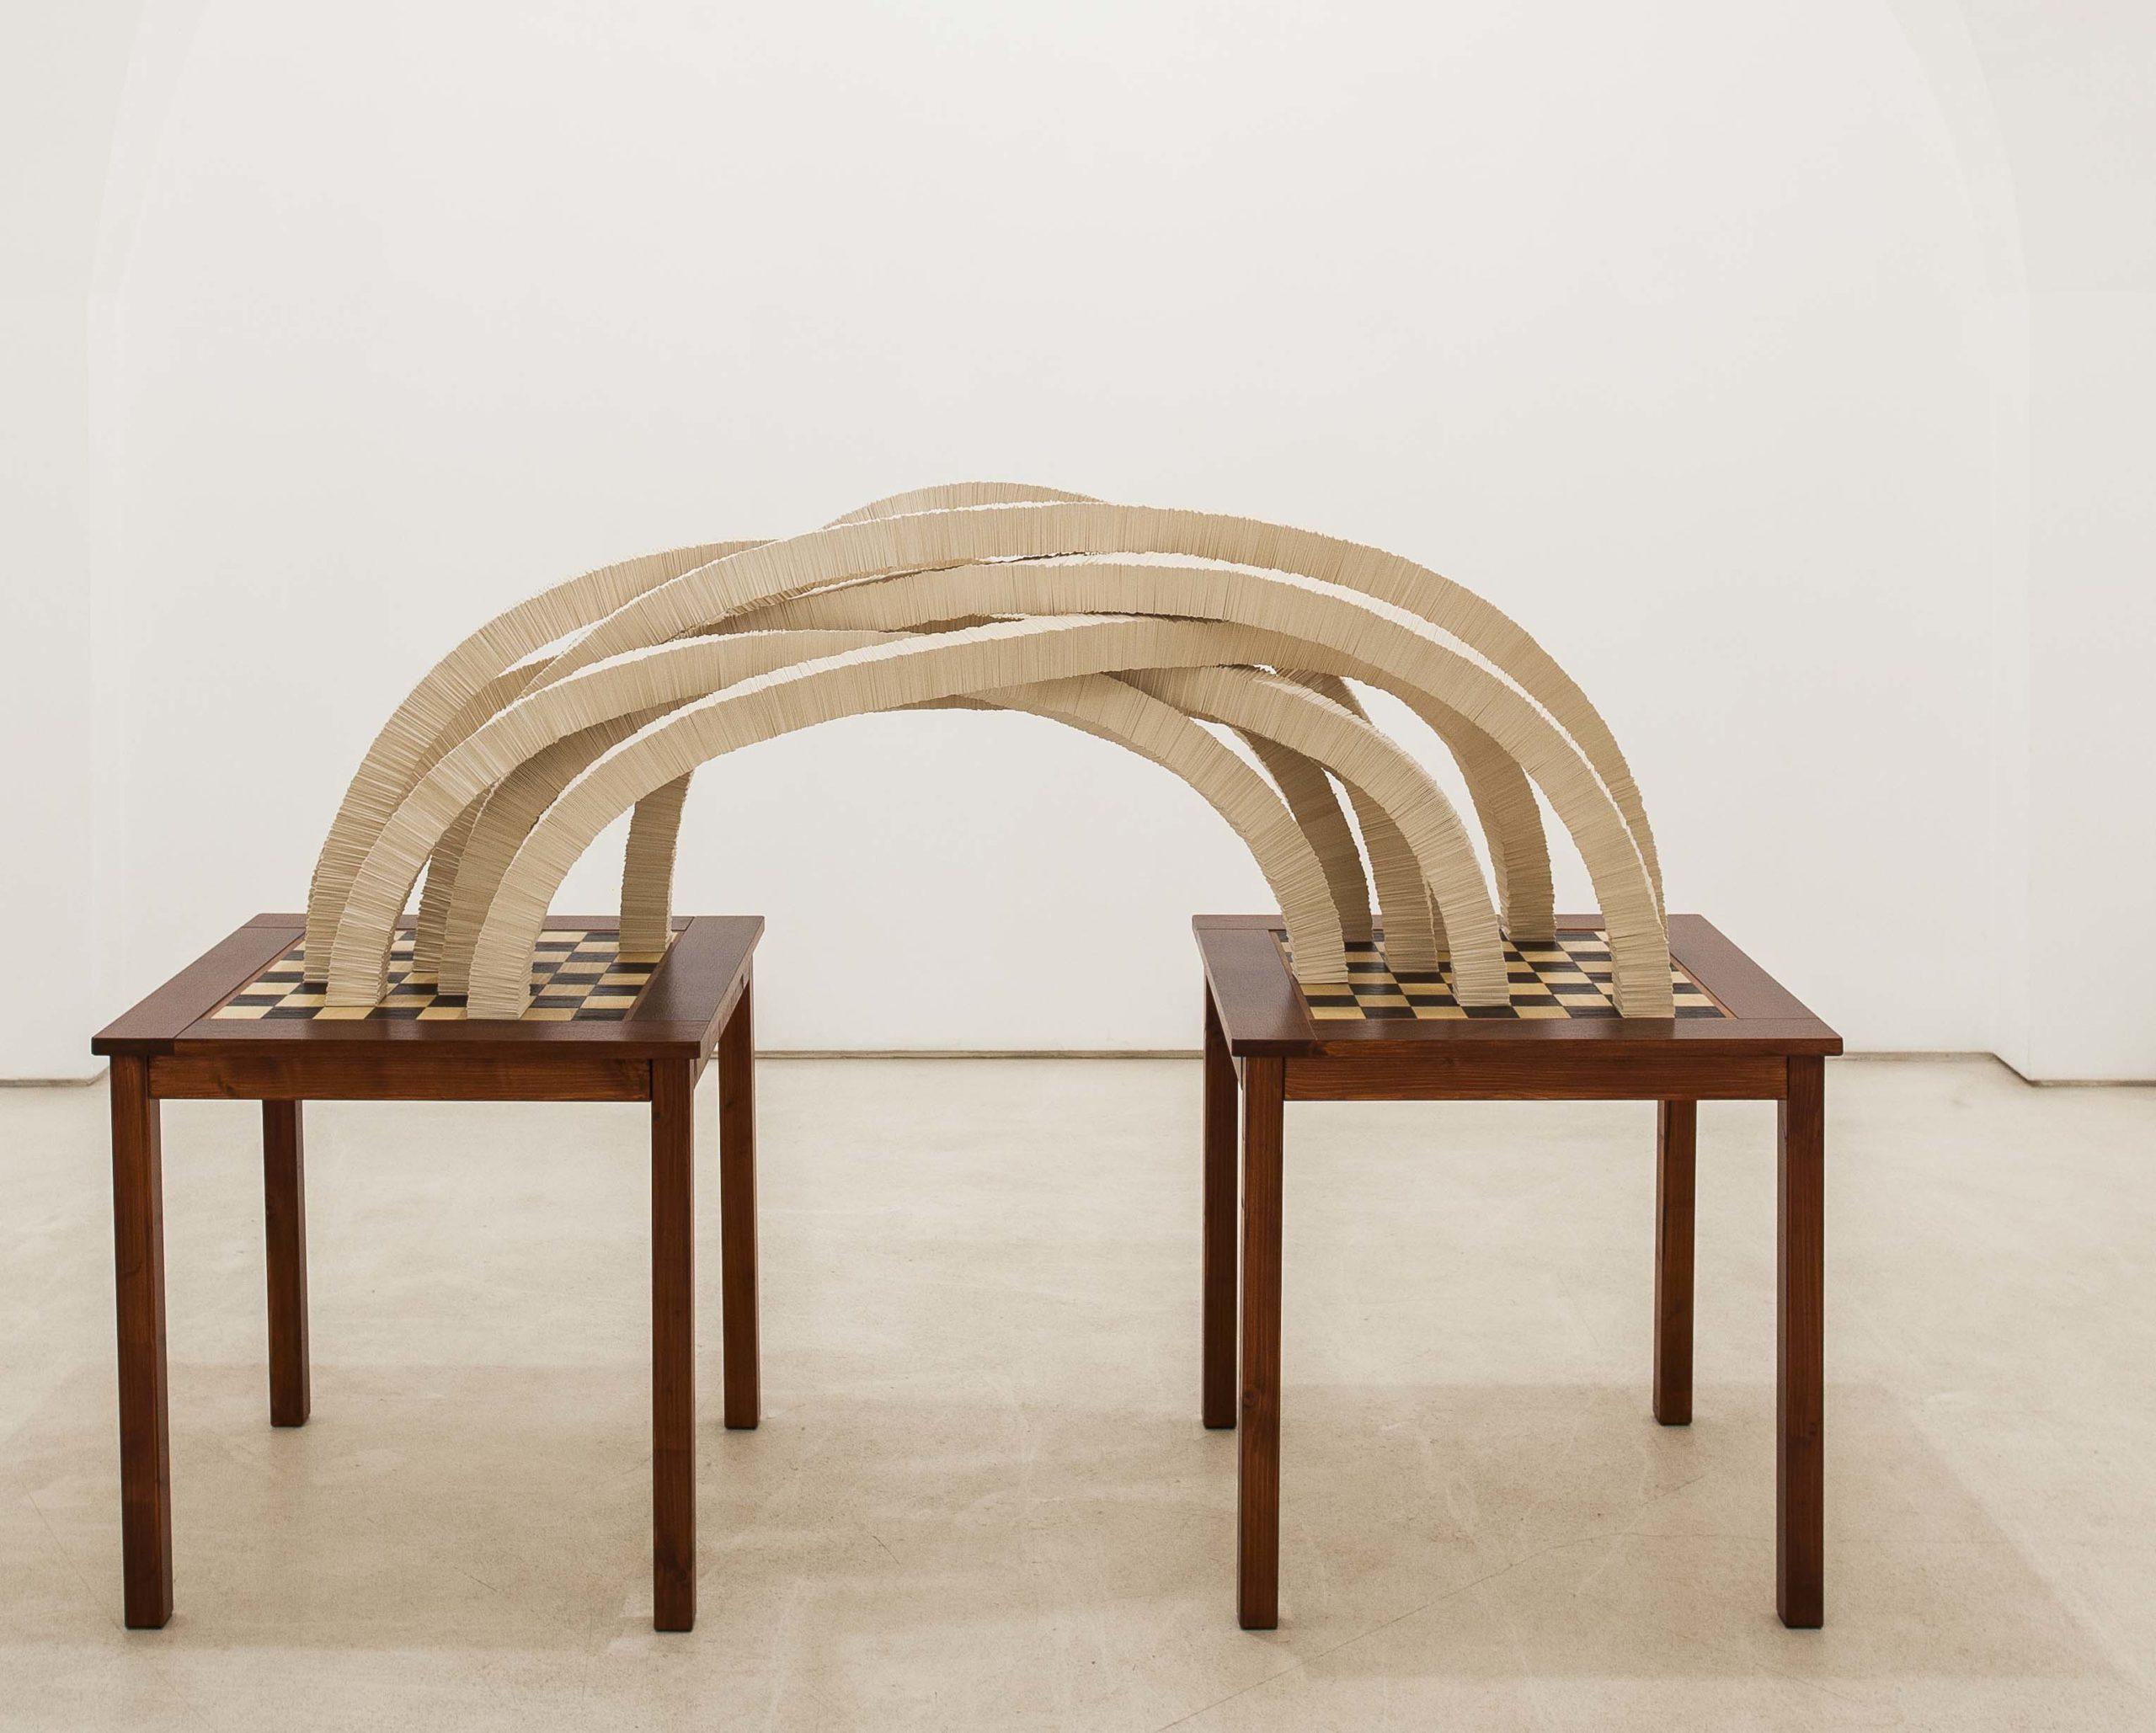 """""""Motus loci"""" 2015, n° 2 tavolini/scacchiere in legno, cartonlegno e ferro, 198 x 69 x 130 cm"""